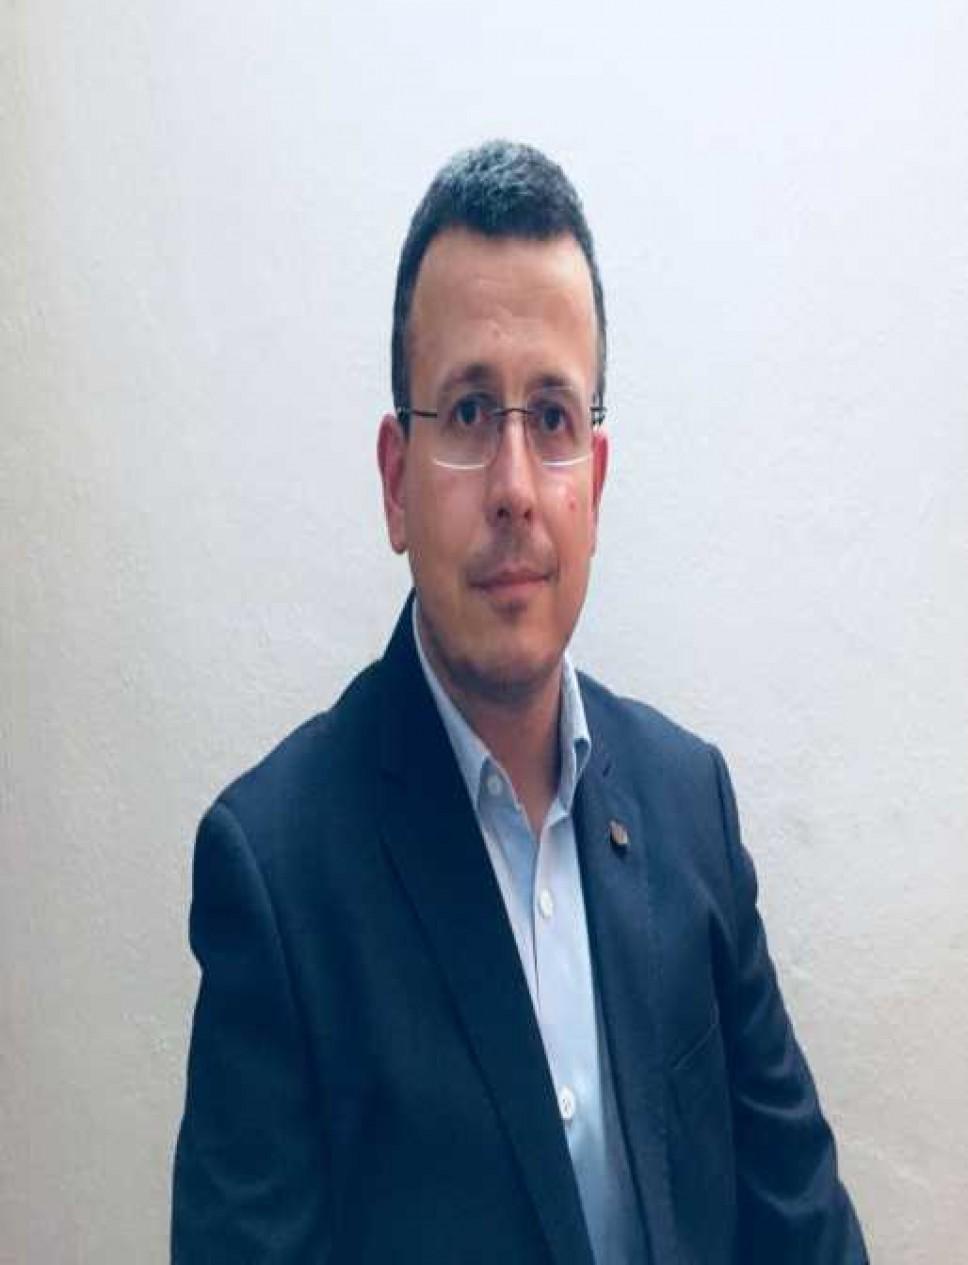 Biografija - Čampar Branko